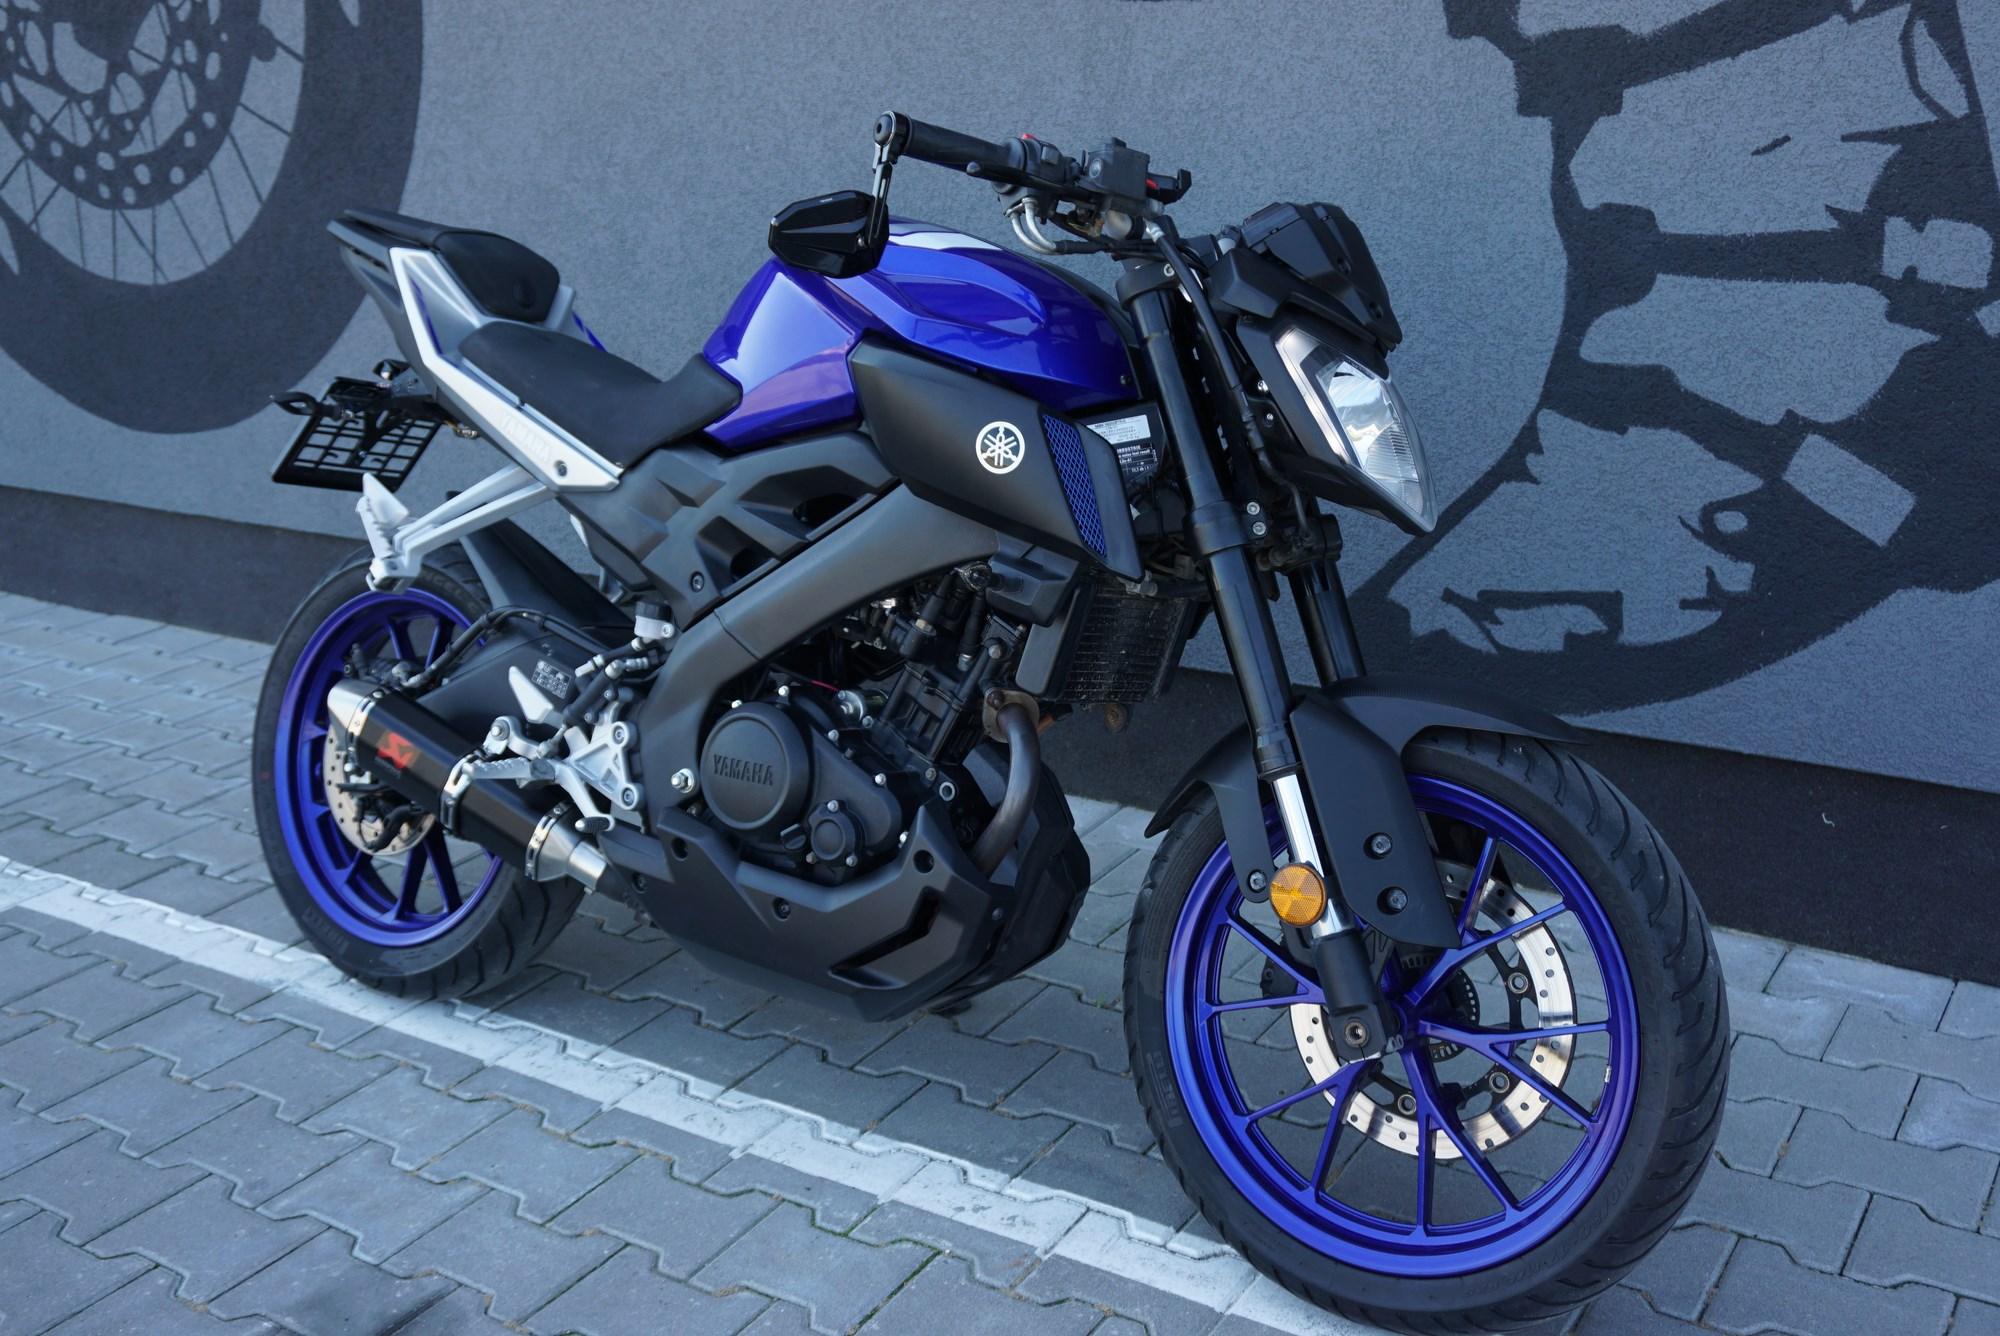 Yamaha MT 125 ABS